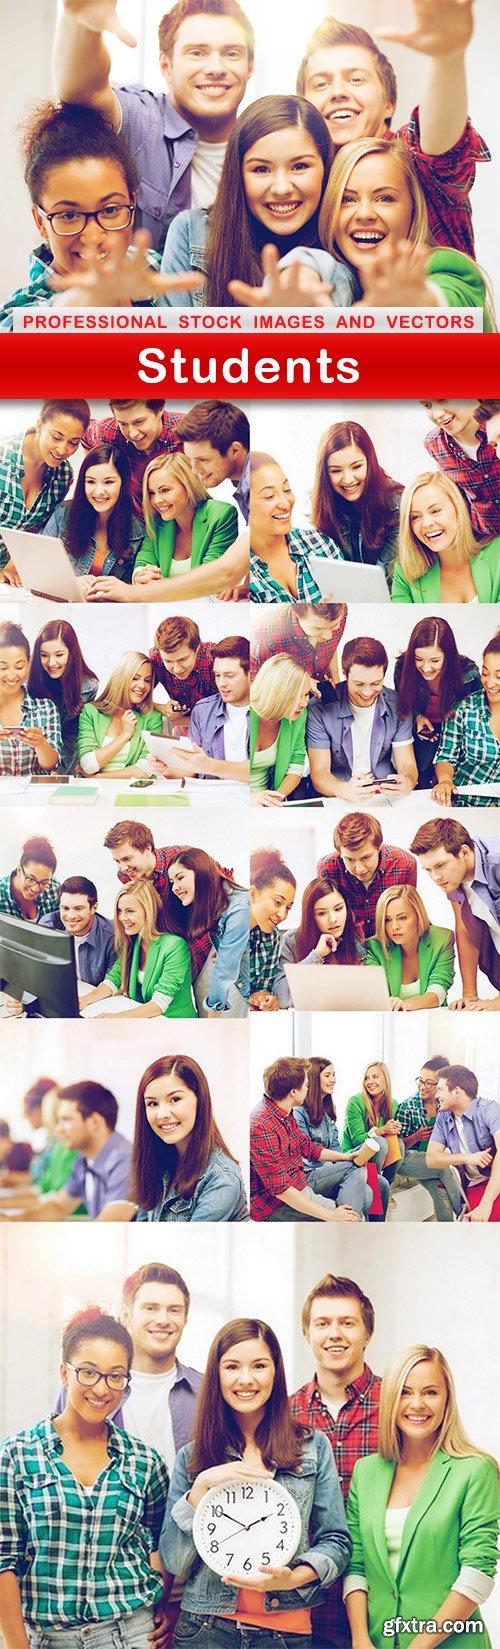 Students - 10 UHQ JPEG